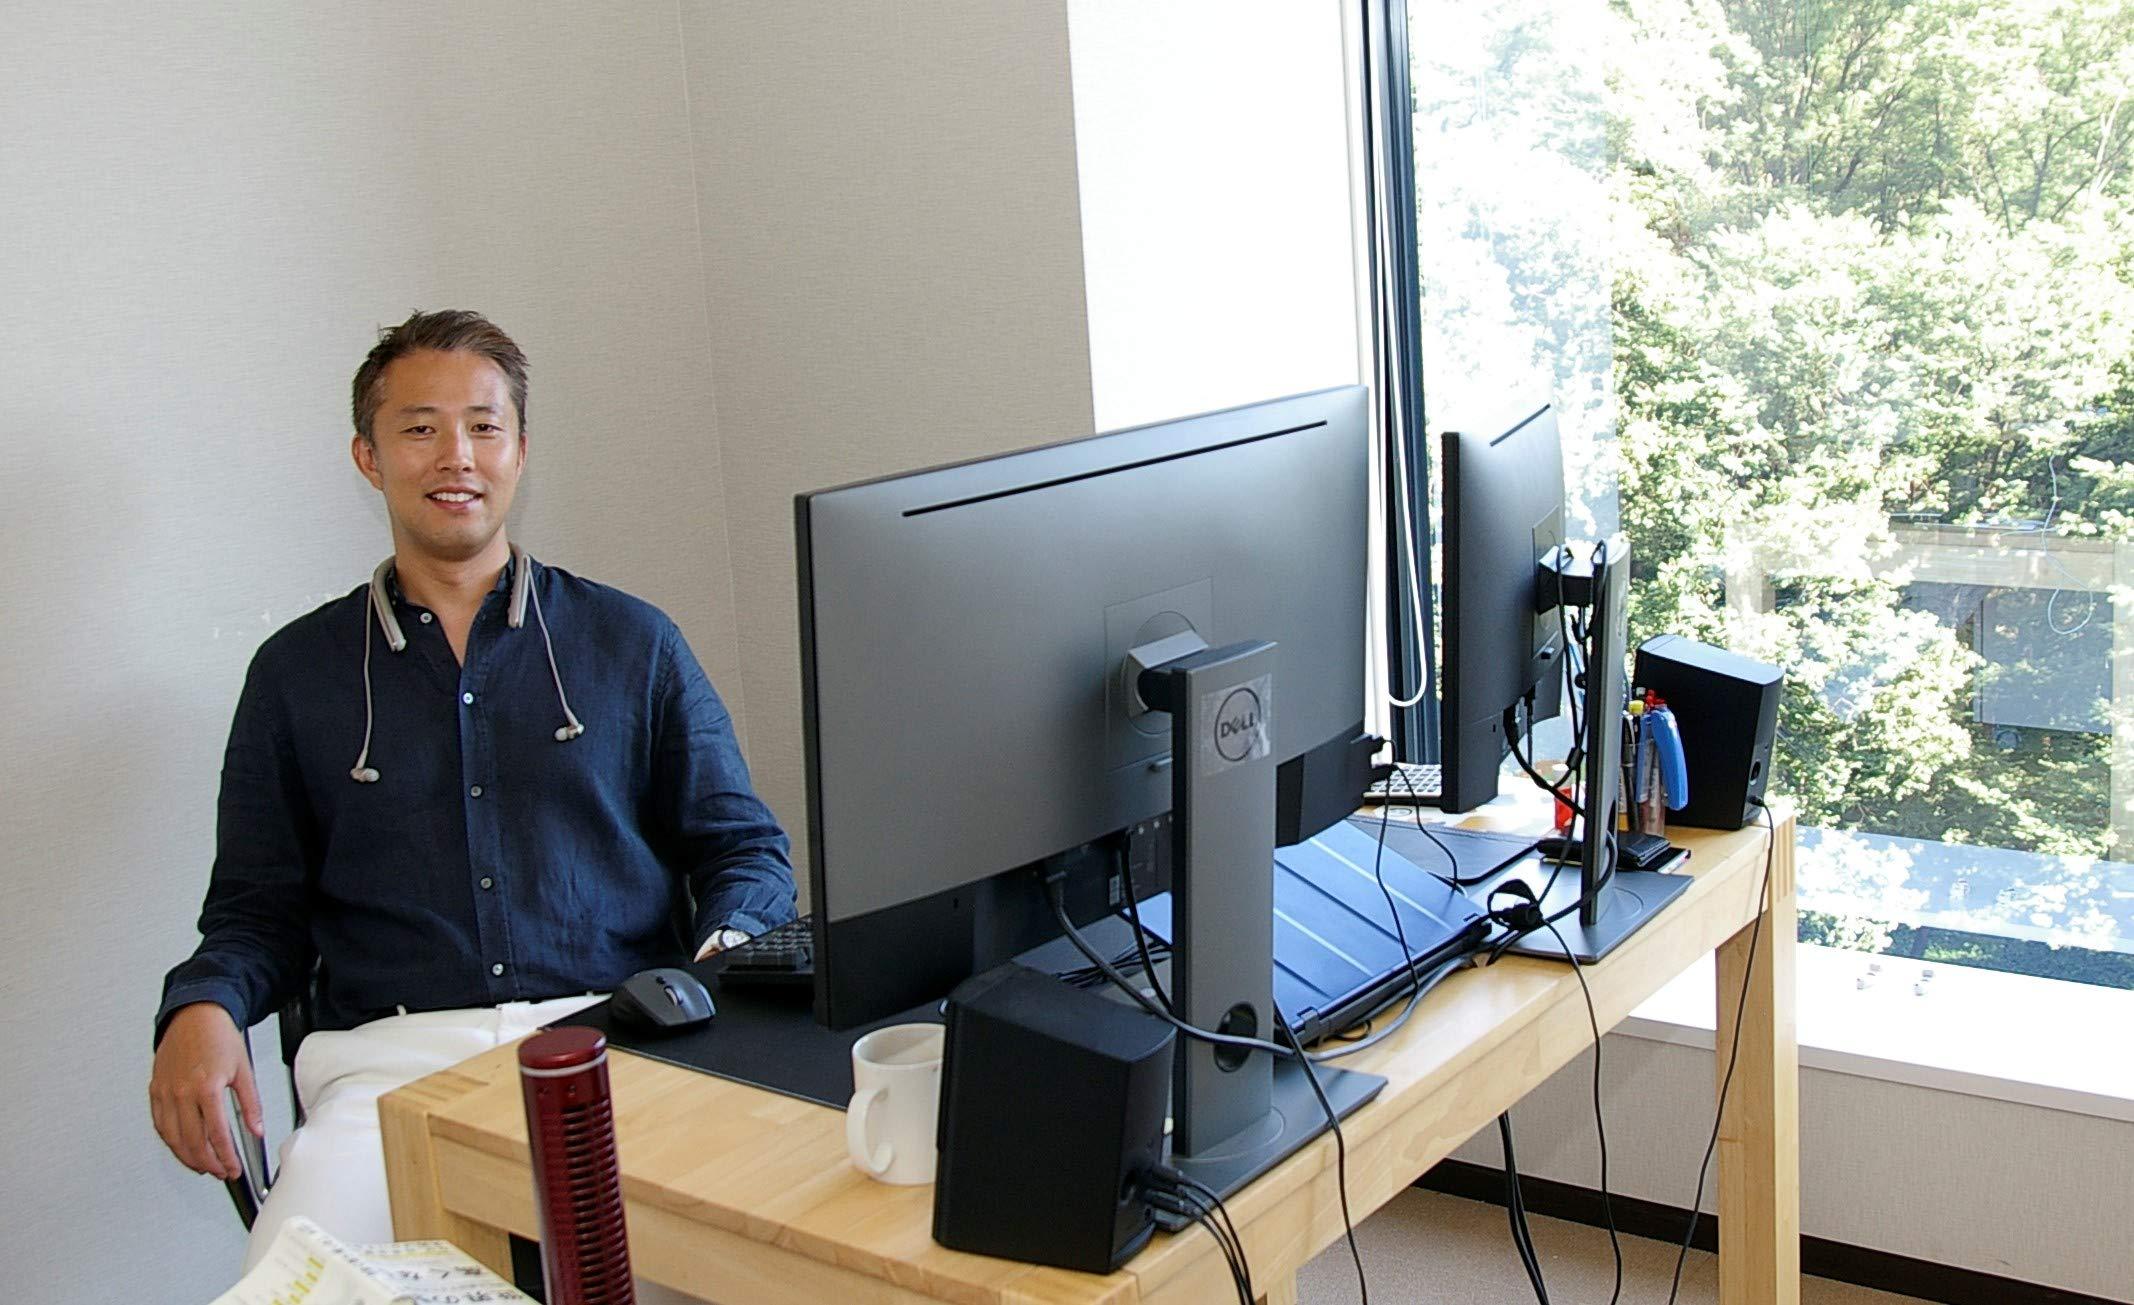 President of necoichi Mr. Takeuchi